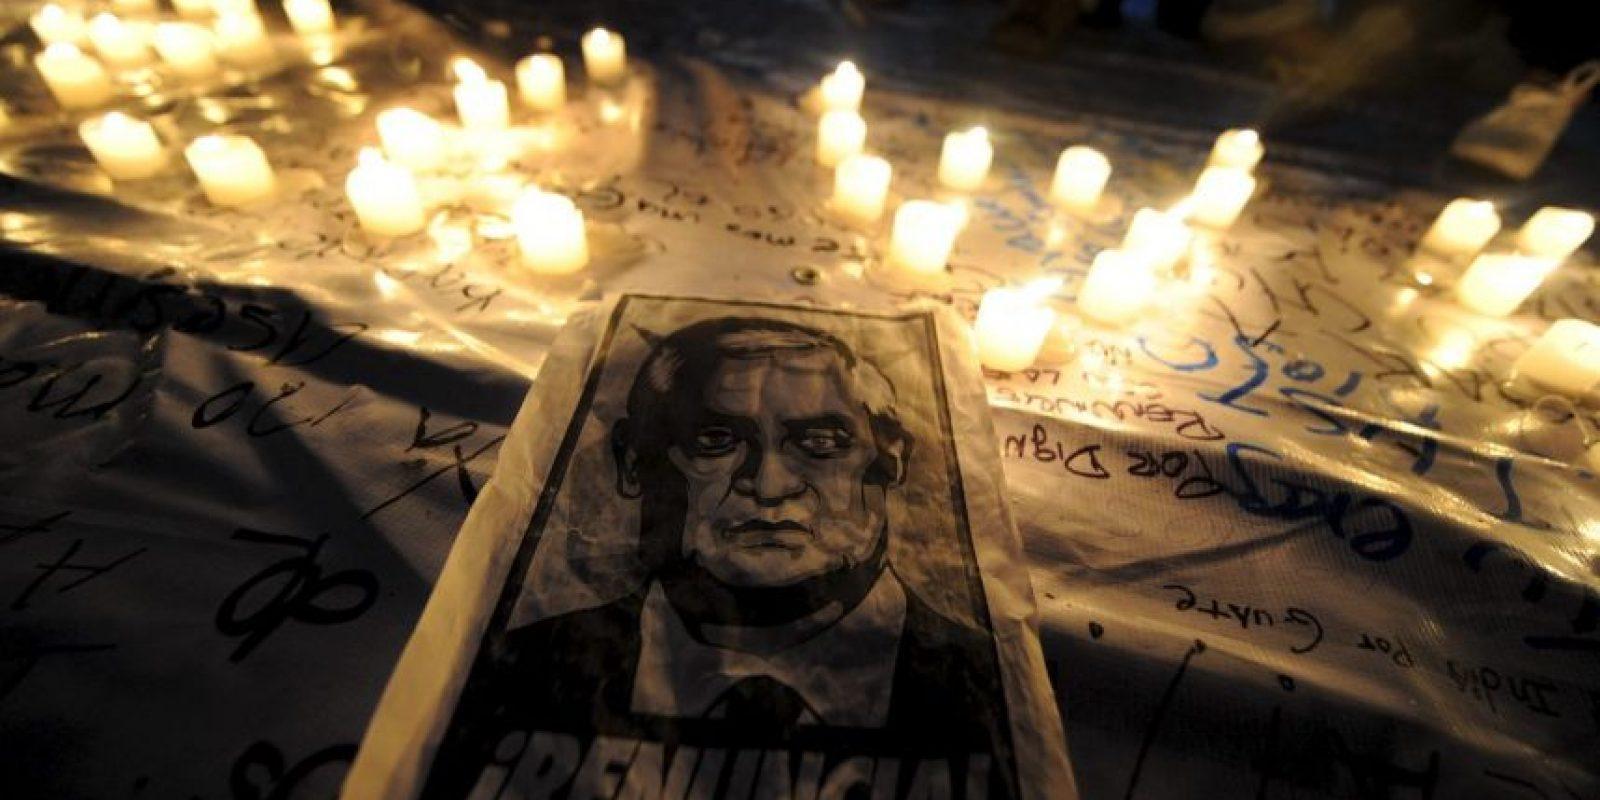 """La crisis política Guatemala brinda un ejemplo de que """"el poder es un préstamo del pueblo"""", algo que el resto de los gobiernos de América Latina debe tener presente, de acuerdo a especialistas Foto:AFP"""